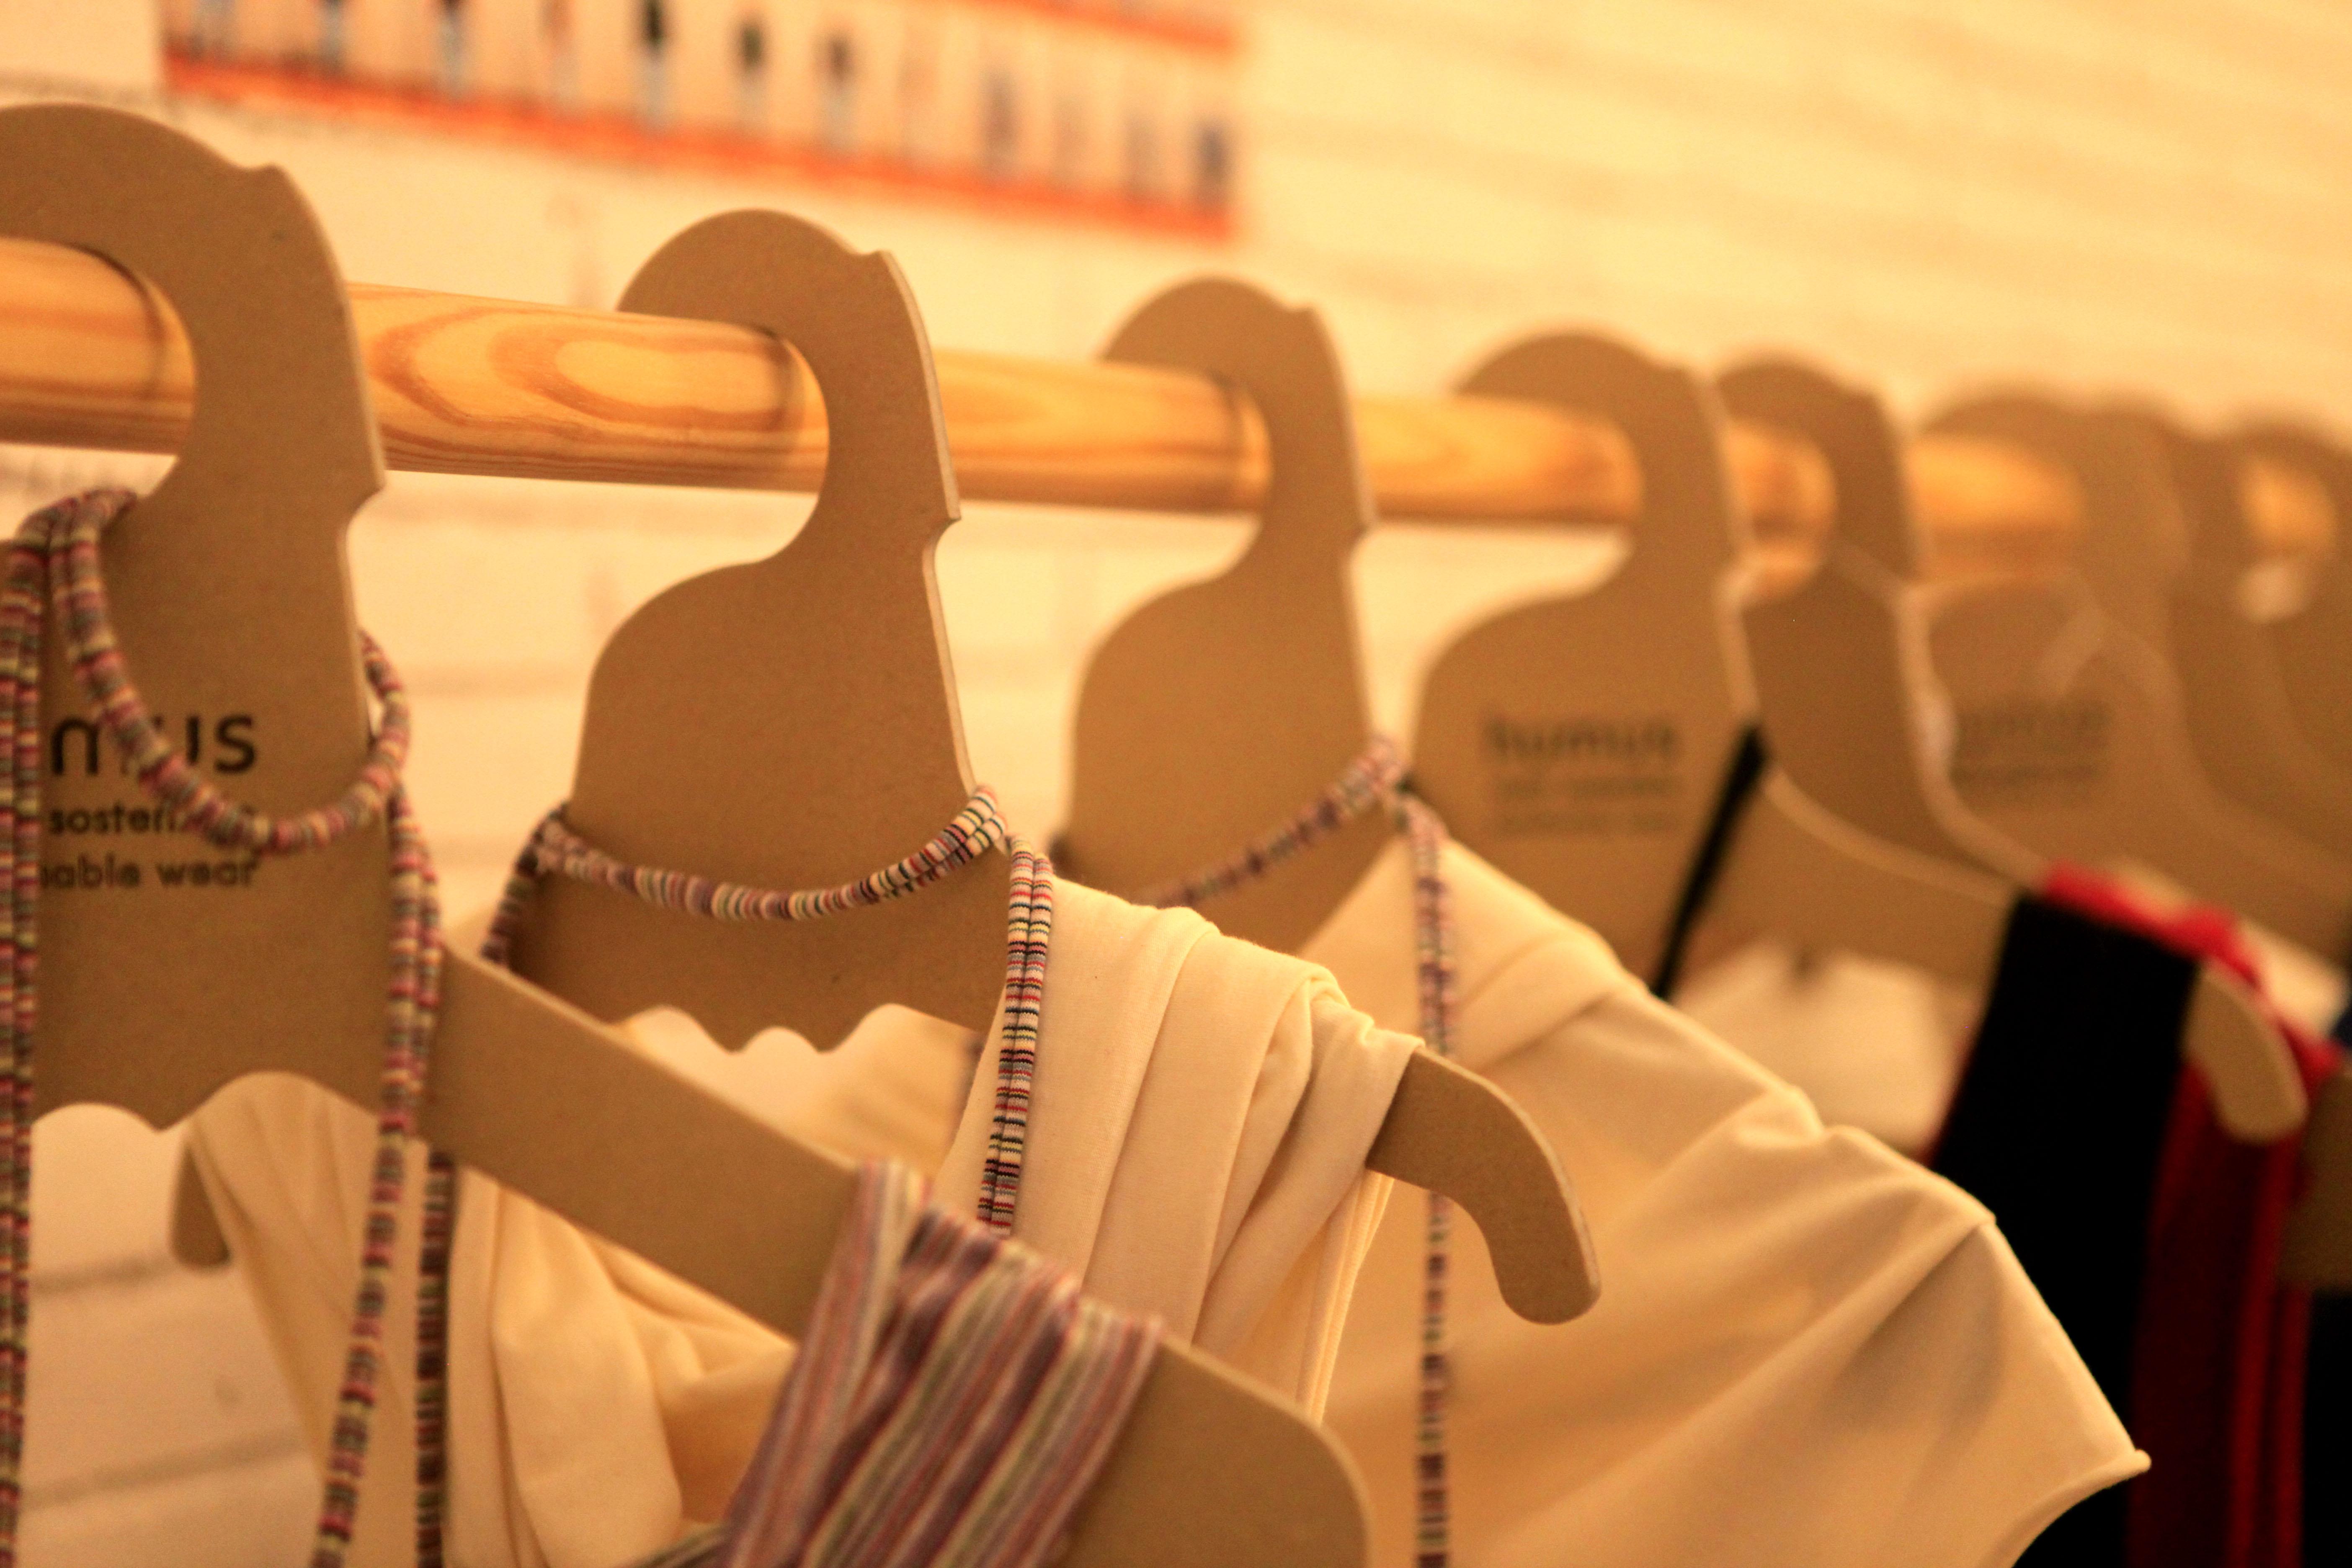 moda sostenible 3 - Crean el primer Directorio de Moda Sostenible del Perú